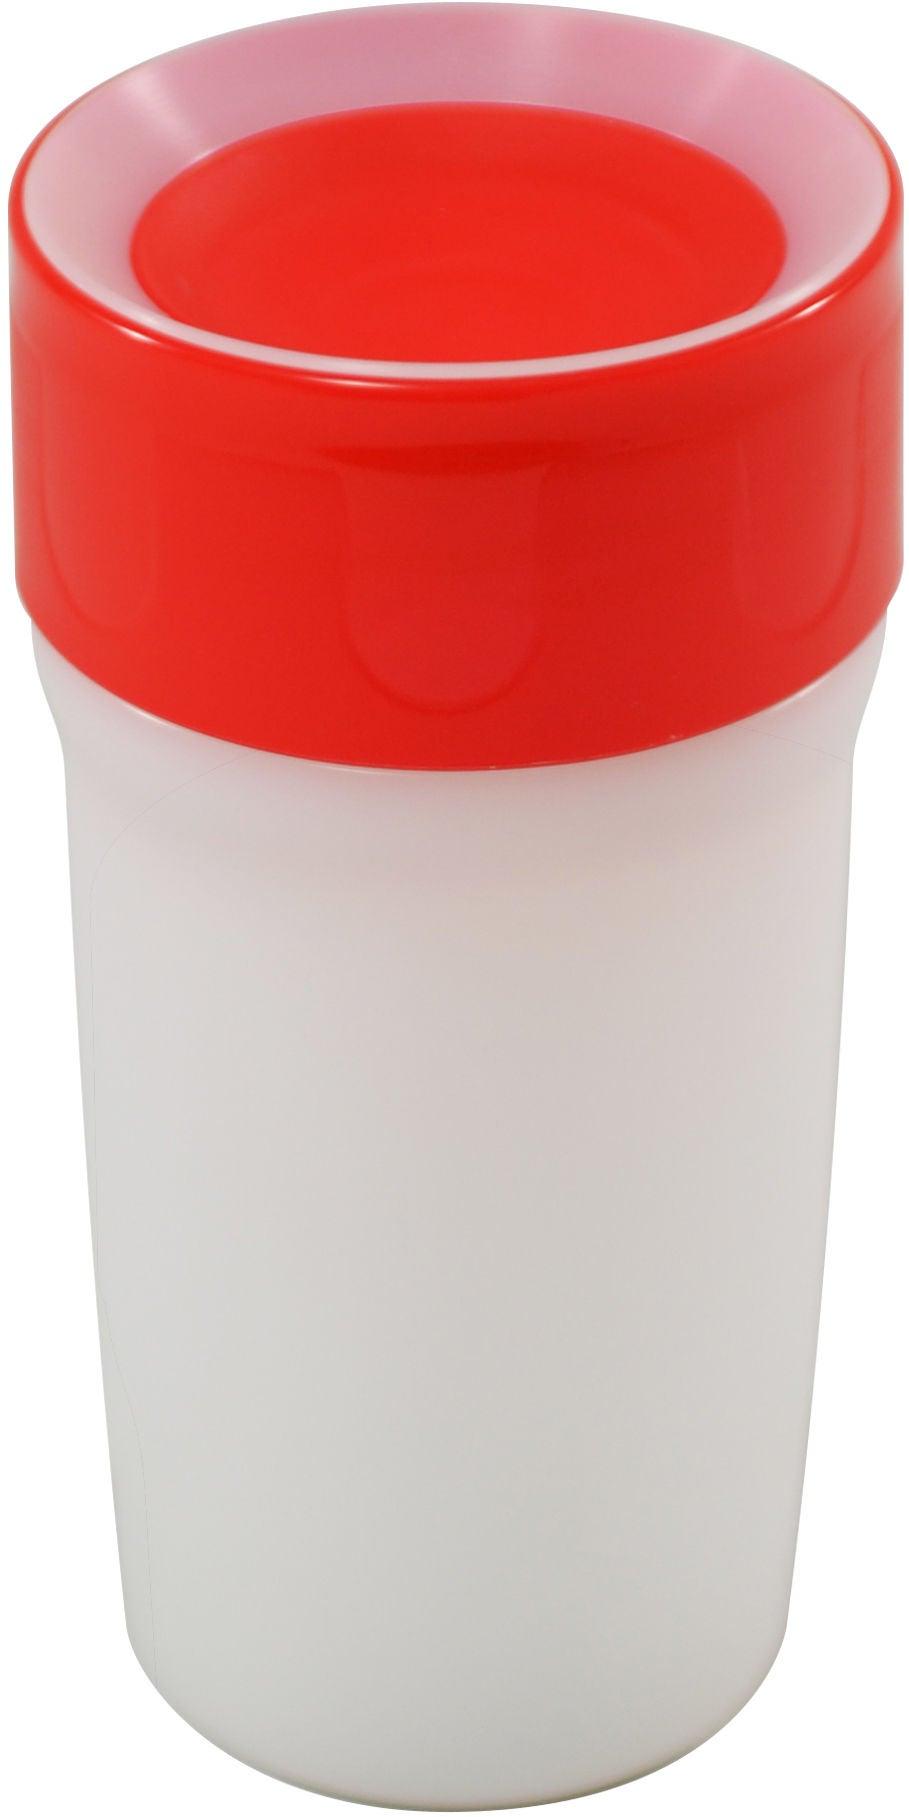 LiteCup Muki Yövalolla 330 ml, Royal Red